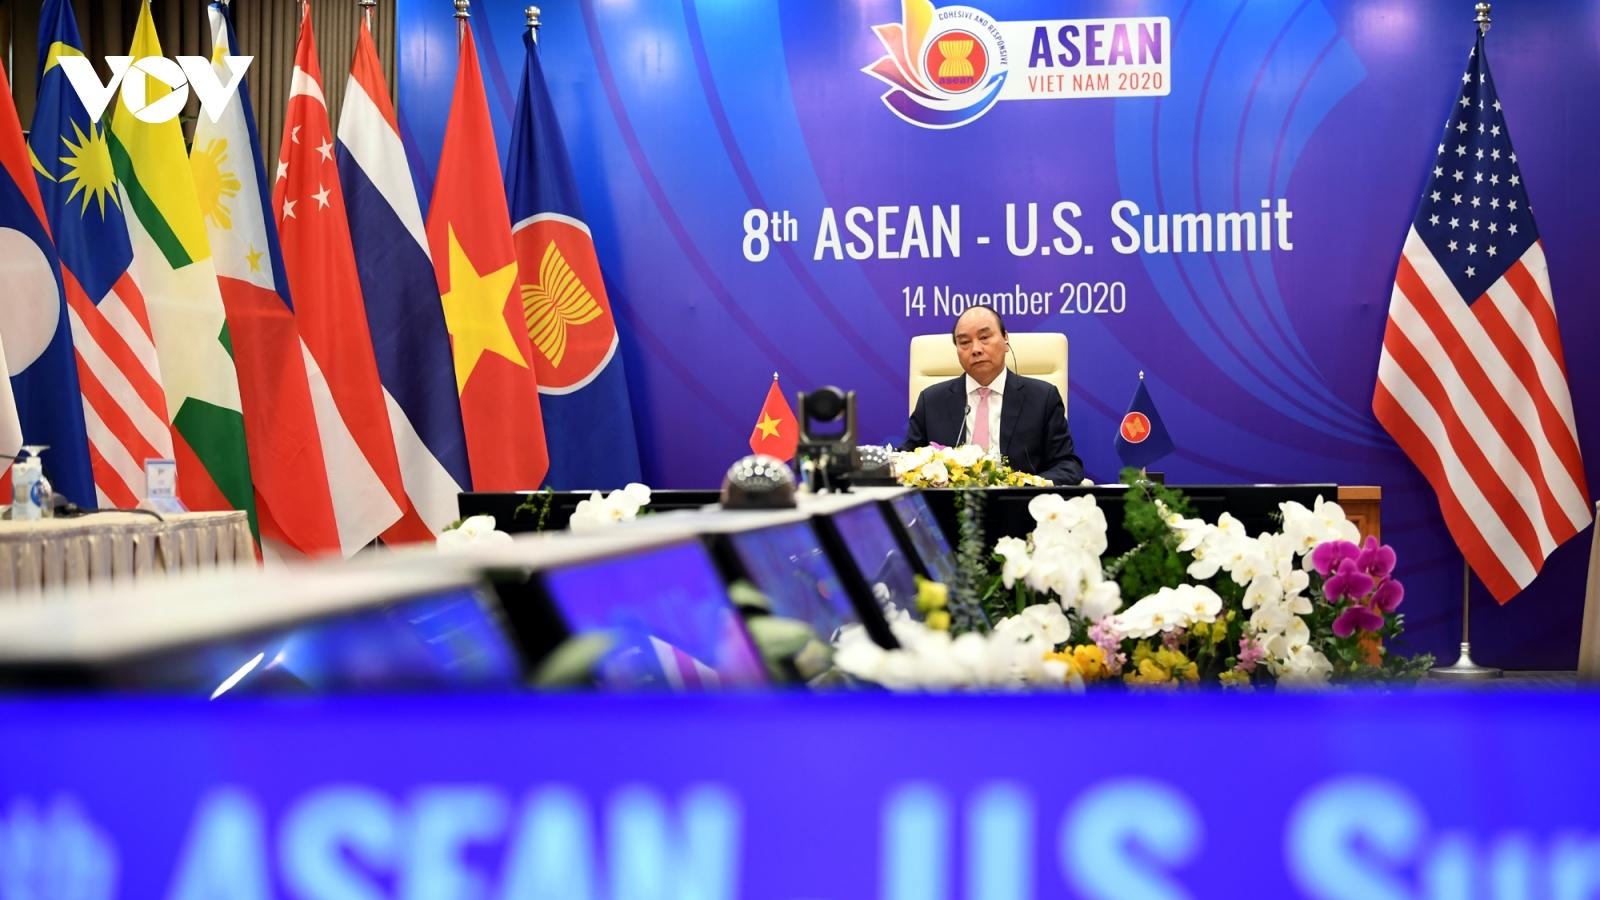 ASEAN-Hoa Kỳ thúc đẩy nỗ lực vượt qua đại dịch Covid-19